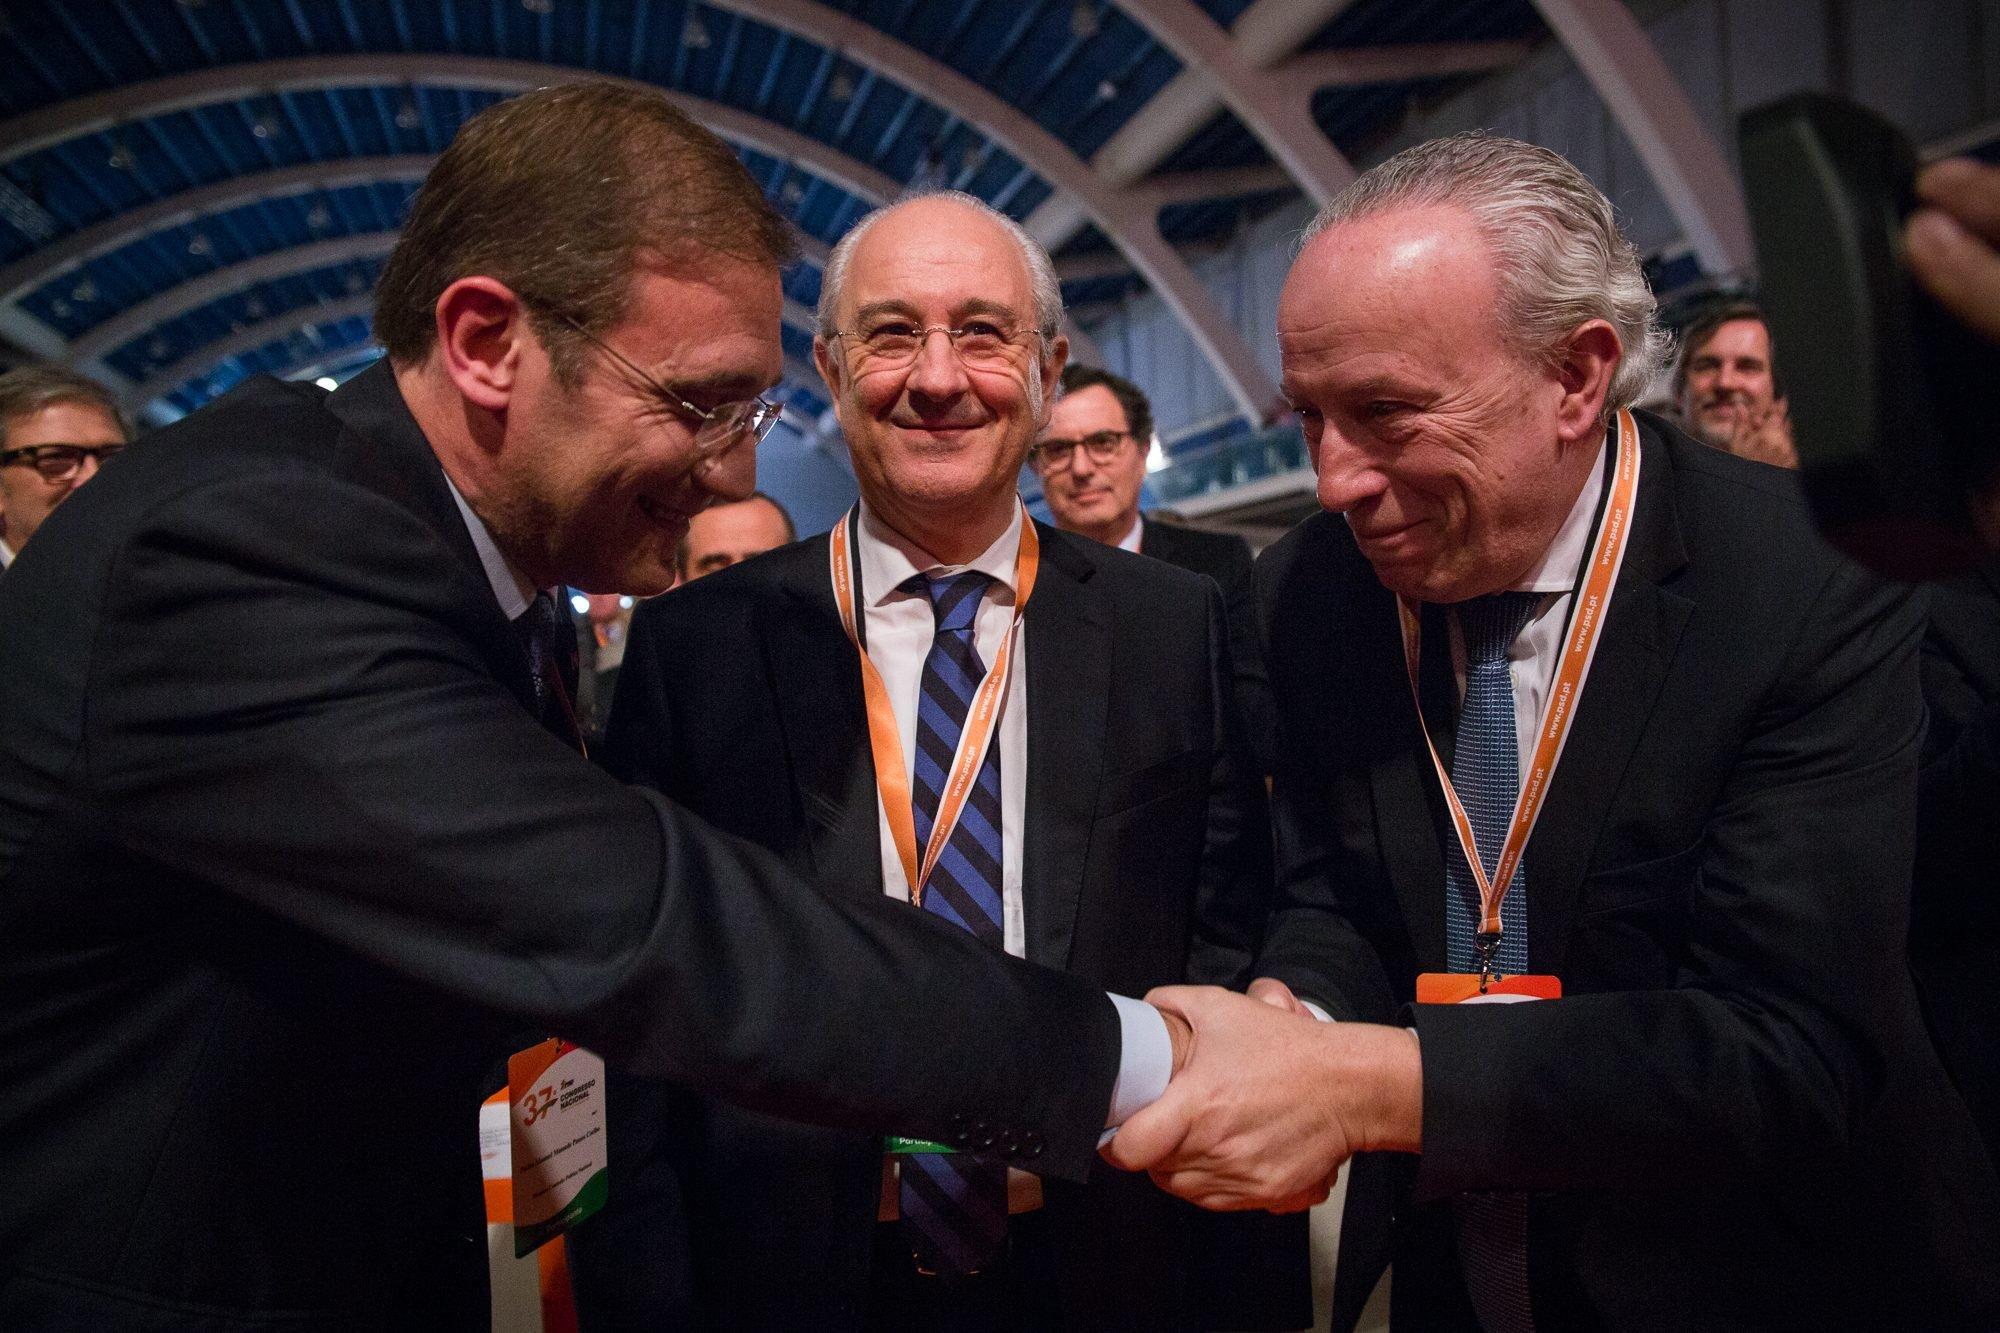 Rui Rio, Congresso Nacional do PSD, Pedro Santana Lopes, Pedro Passos Coelho